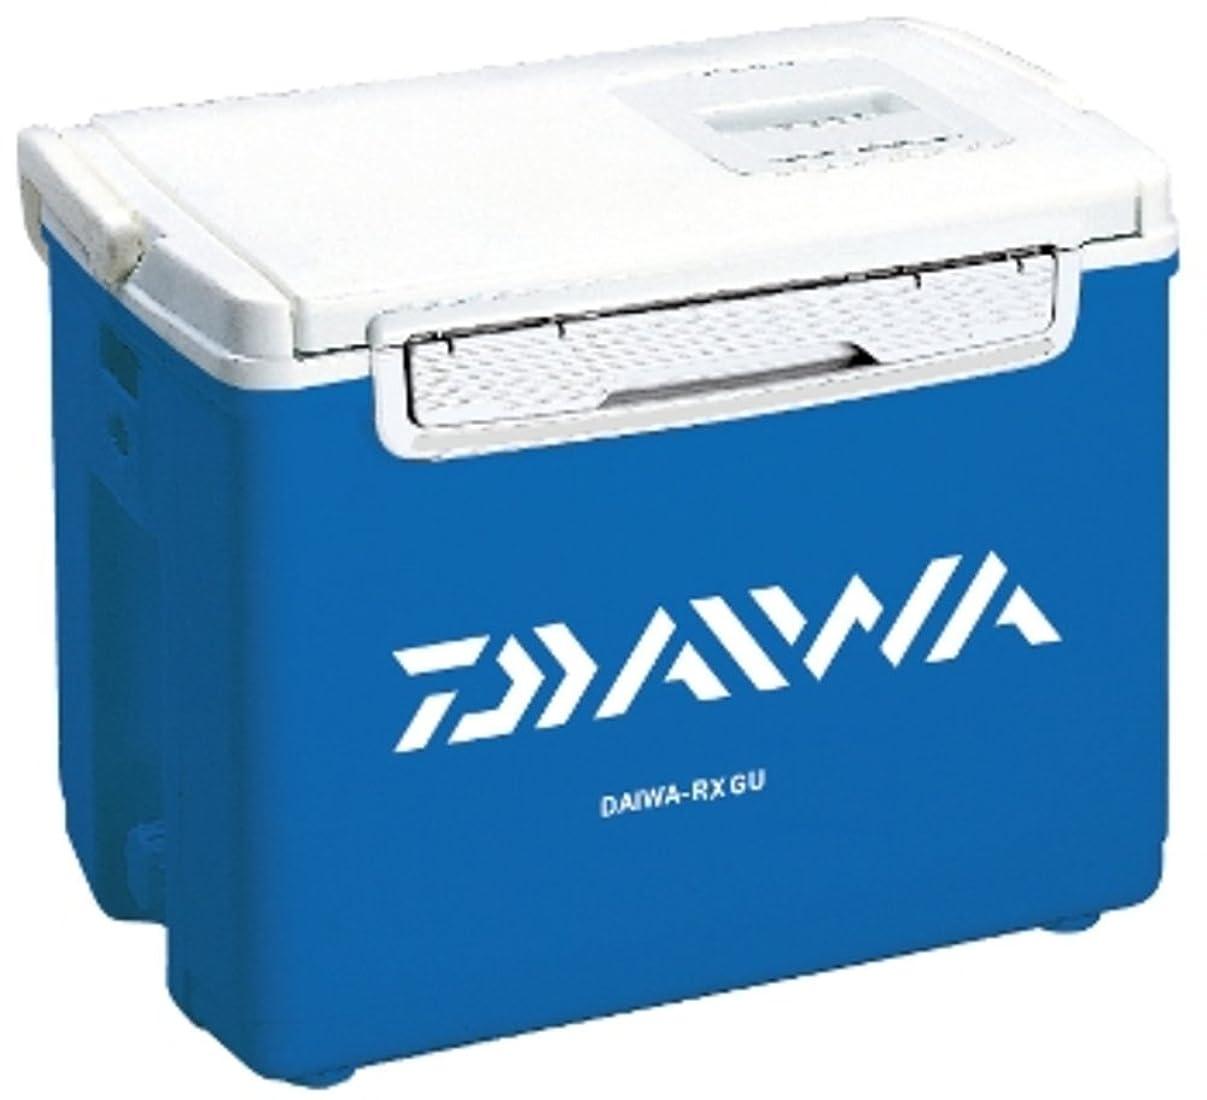 私たちのもの心からキャビンダイワ(Daiwa) クーラーボックス 釣り RX GU X 2600X